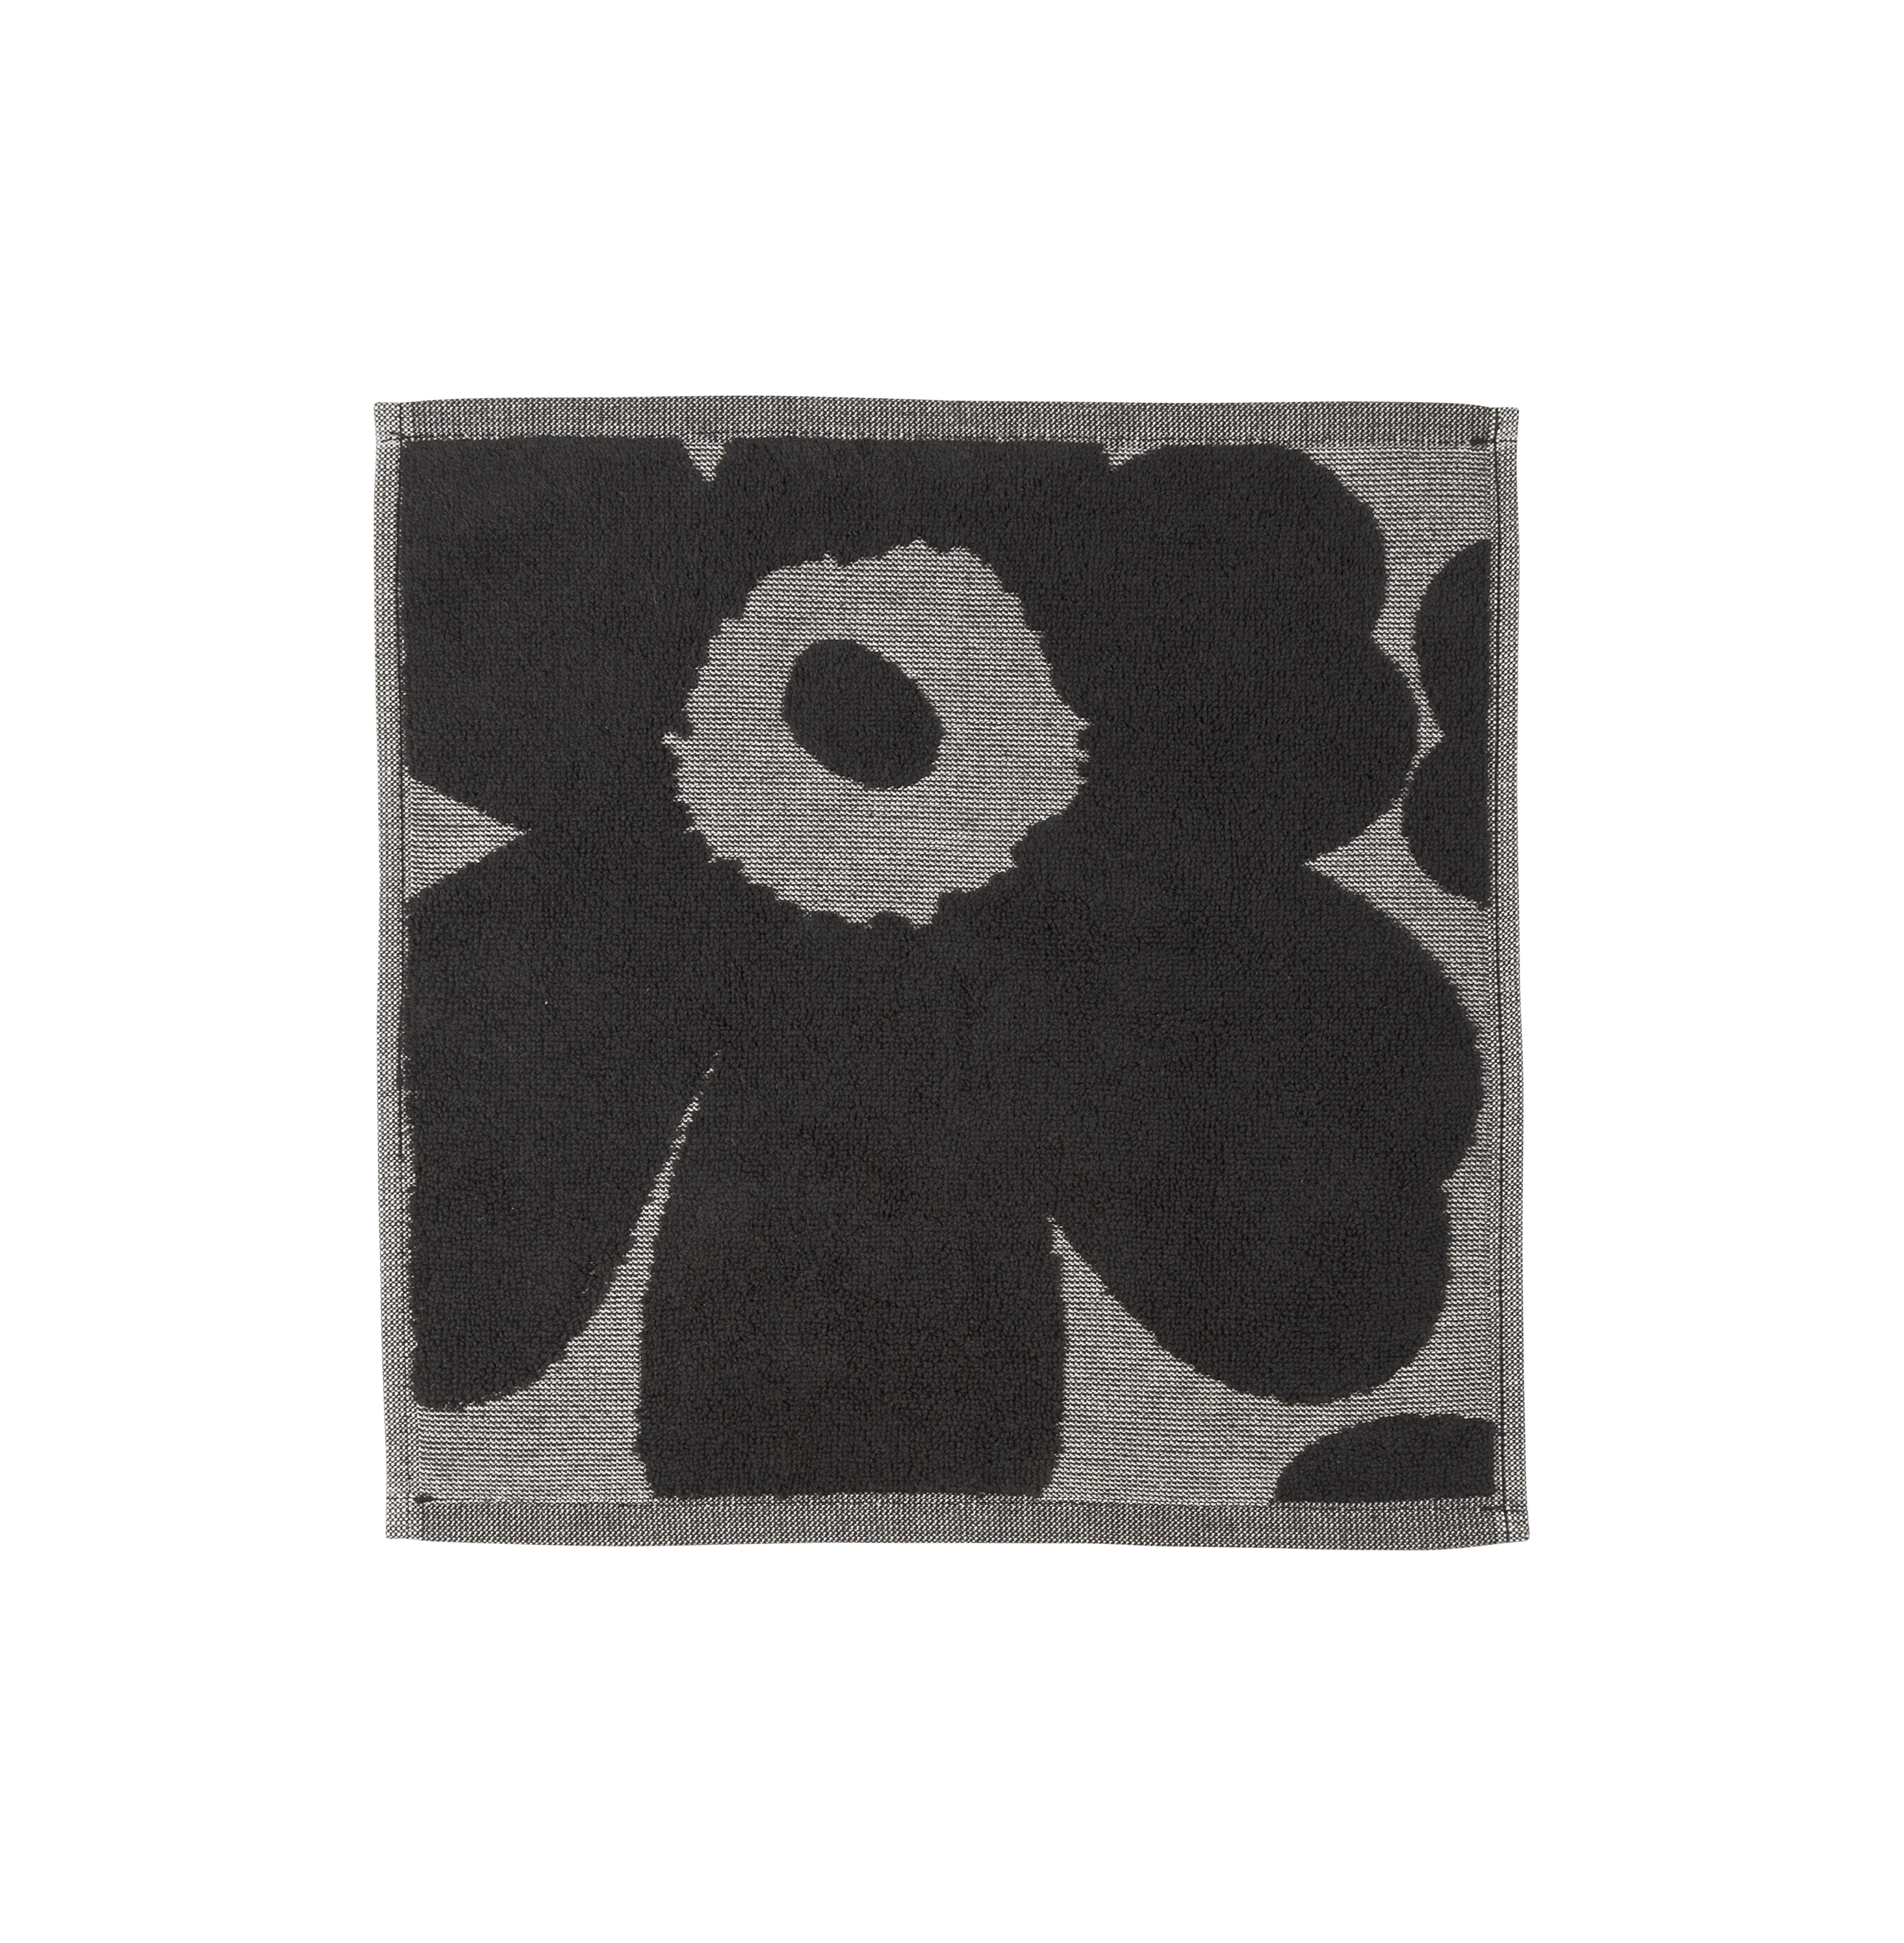 Accessoires - Accessoires salle de bains - Serviette invité Unikko / 30 x 30 cm - Marimekko - Unikko / Noir & gris - Coton